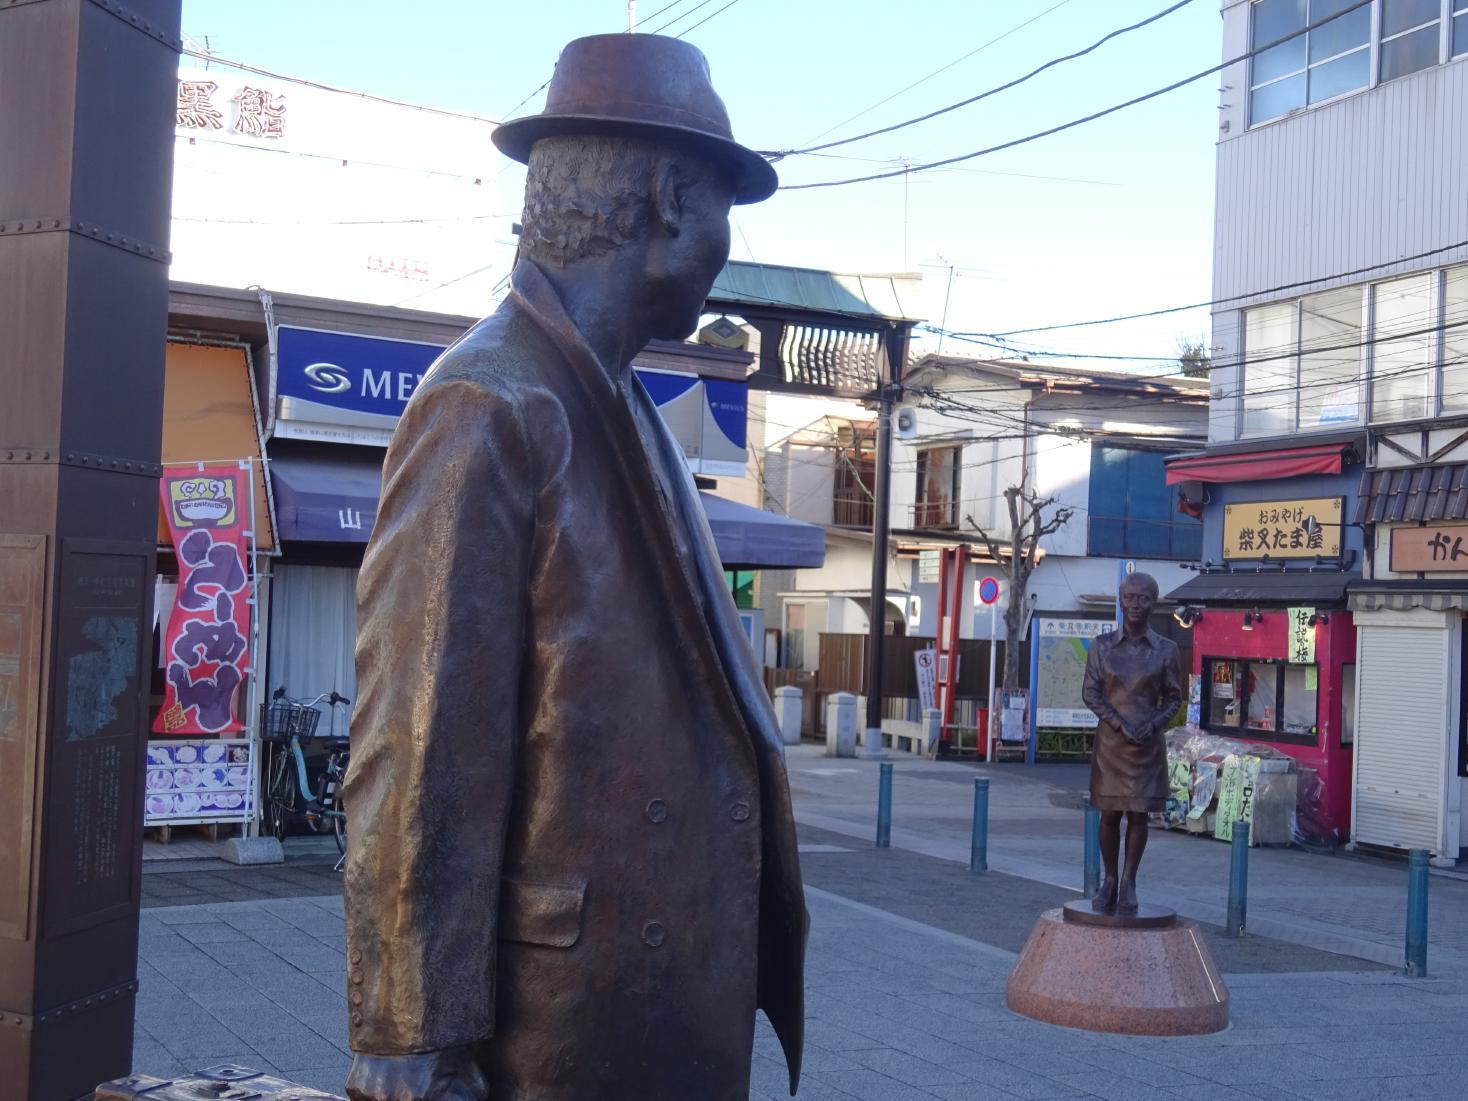 柴又駅前の寅さん像と今年3月にできたばかりのさくら像。